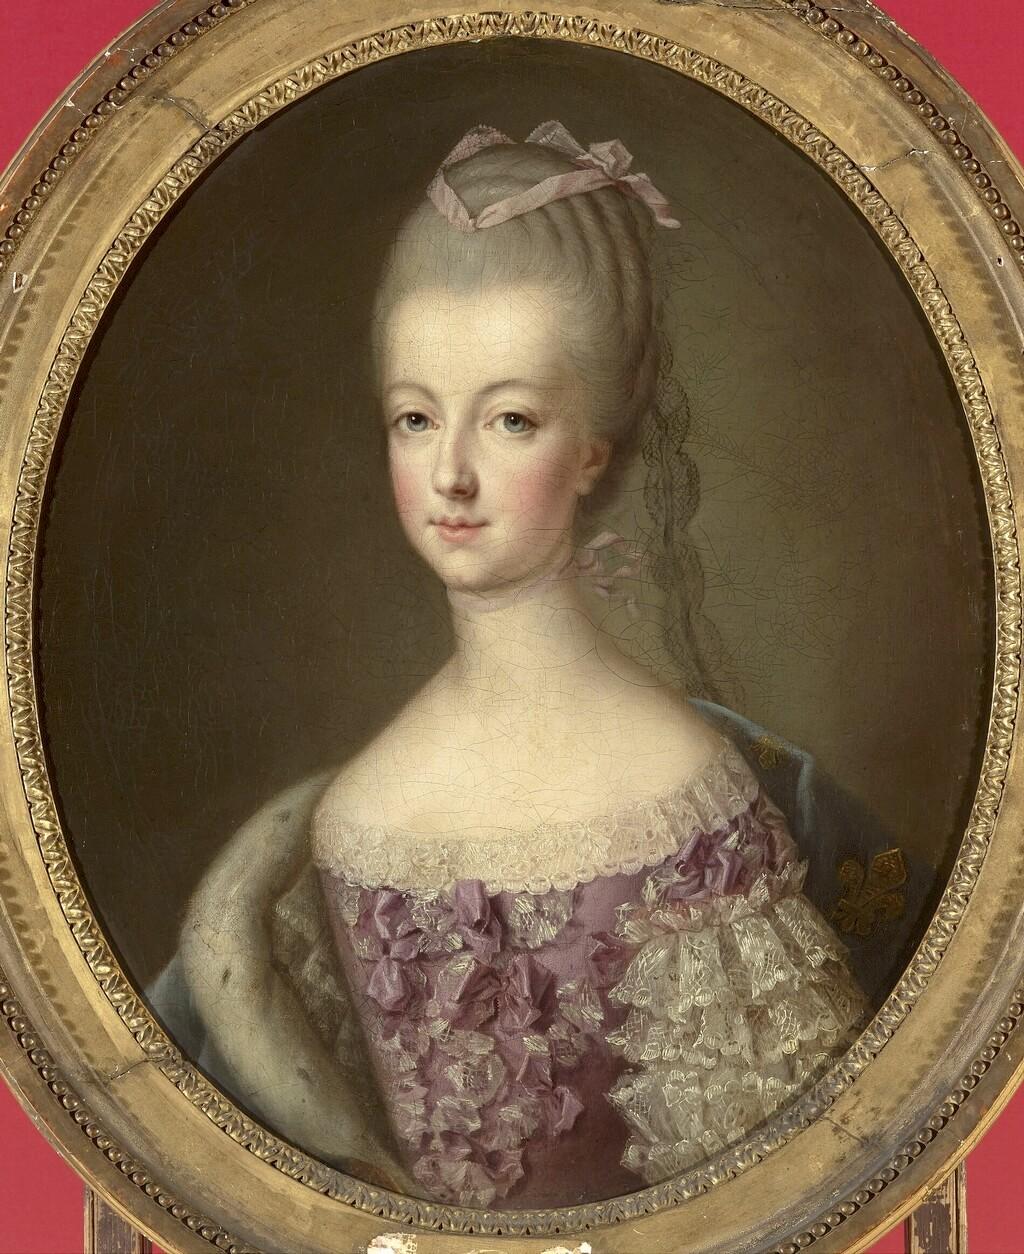 Portraits de Marie-Antoinette par et d'après François-Hubert Drouais Image397